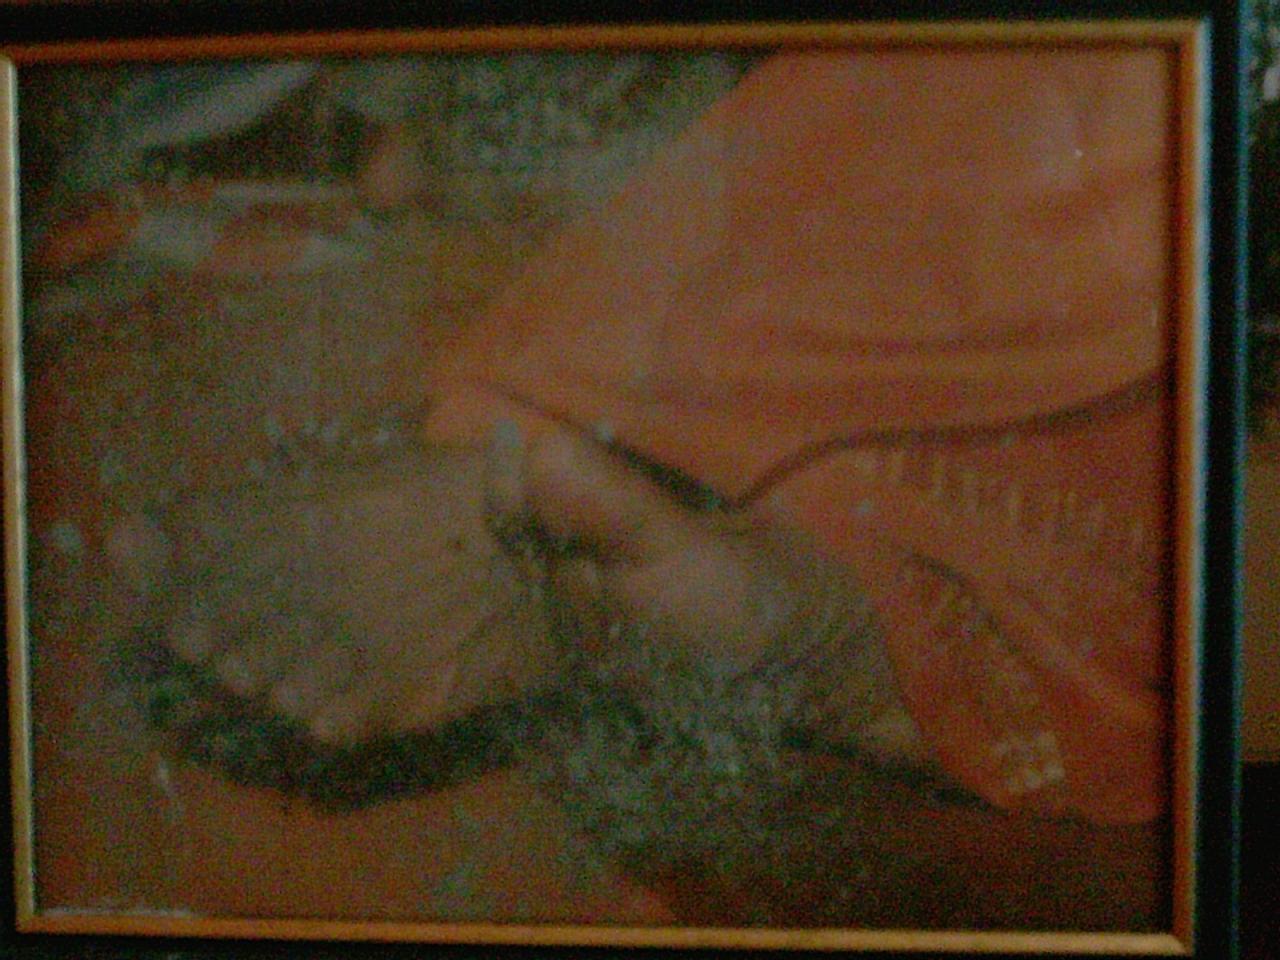 Vibbhutti sur pieds de Saï Baba